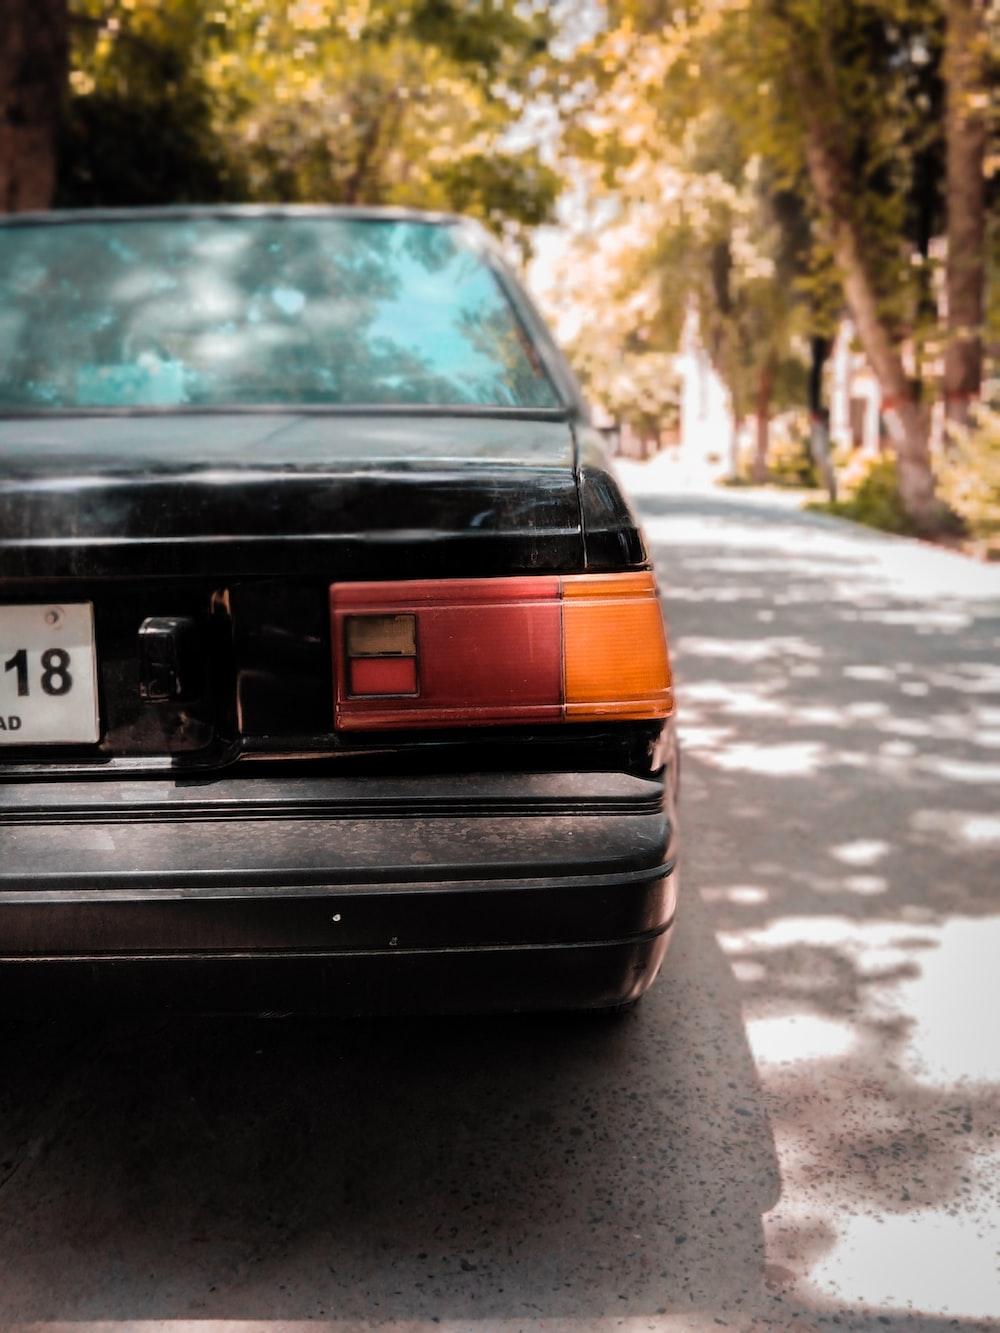 black vehicle on road